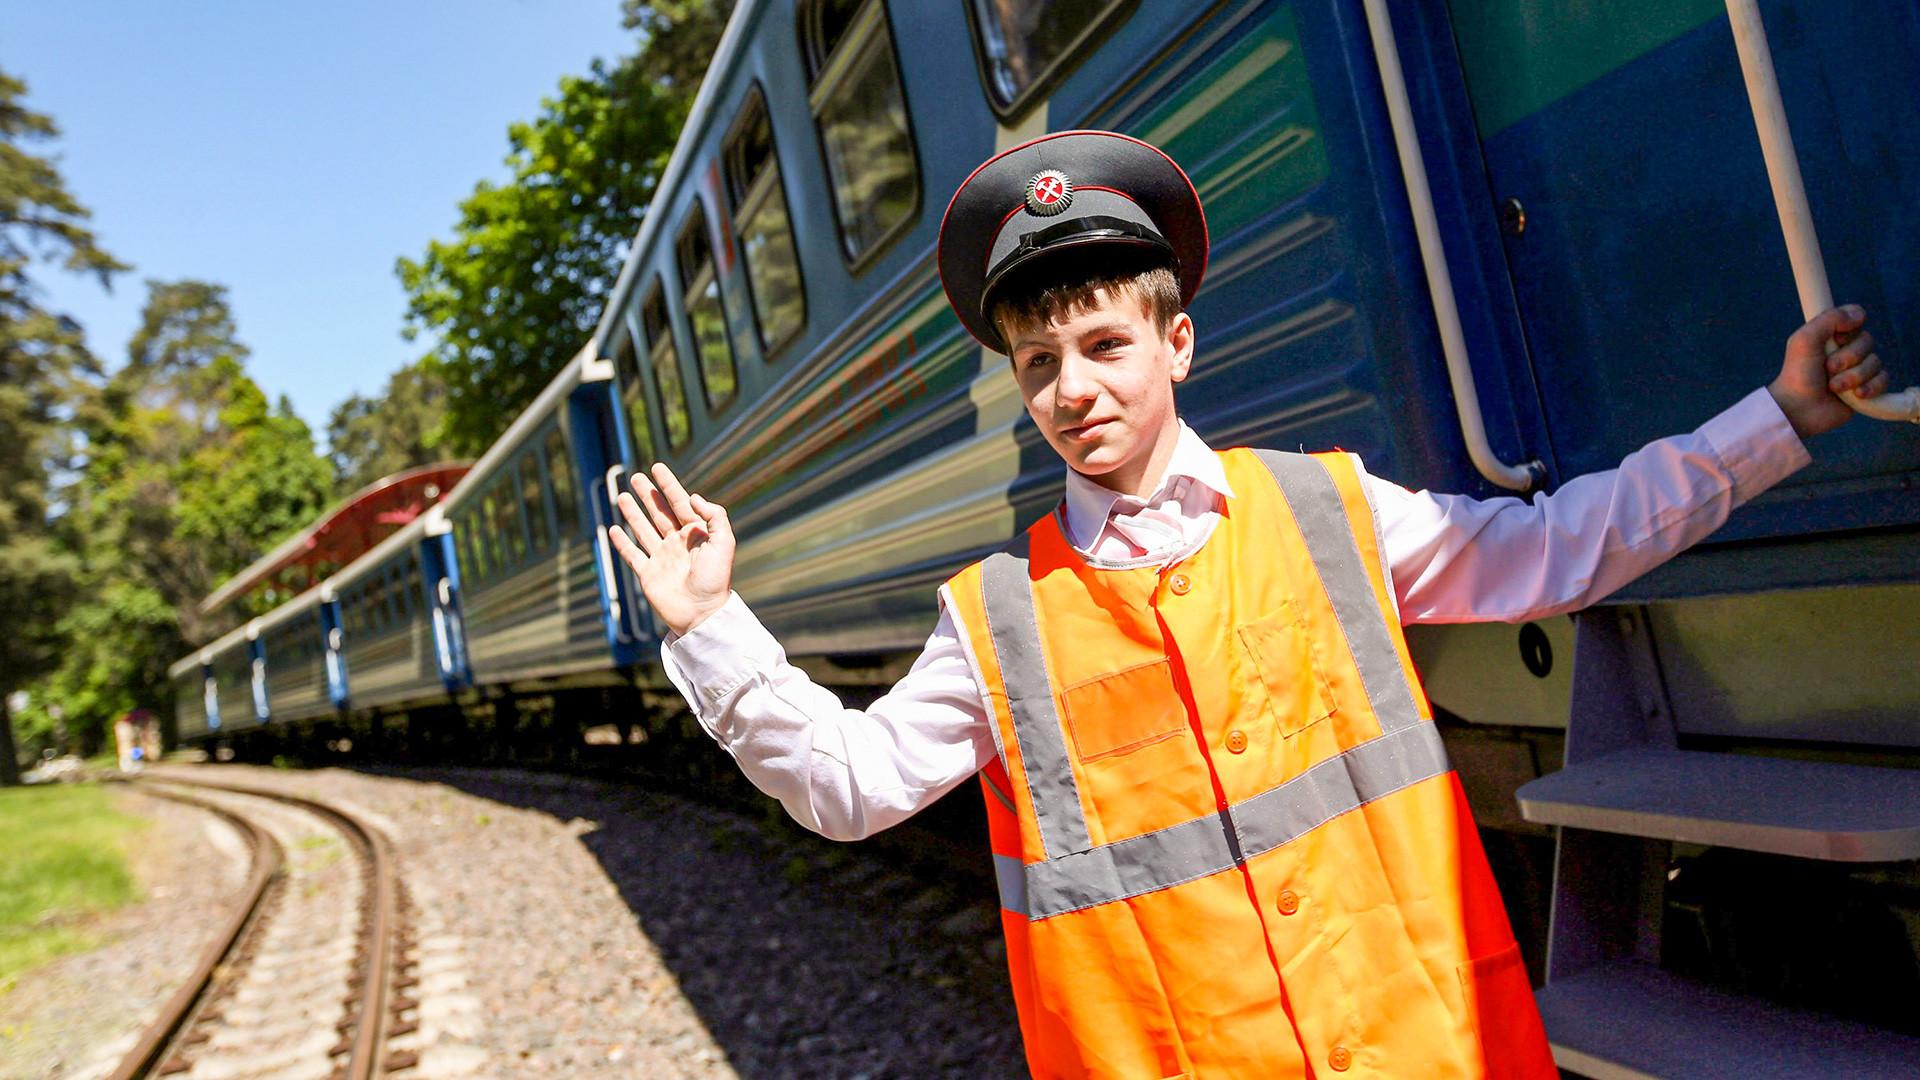 Открытие нового сезона пассажирского движения на Московской детской железной дороге.